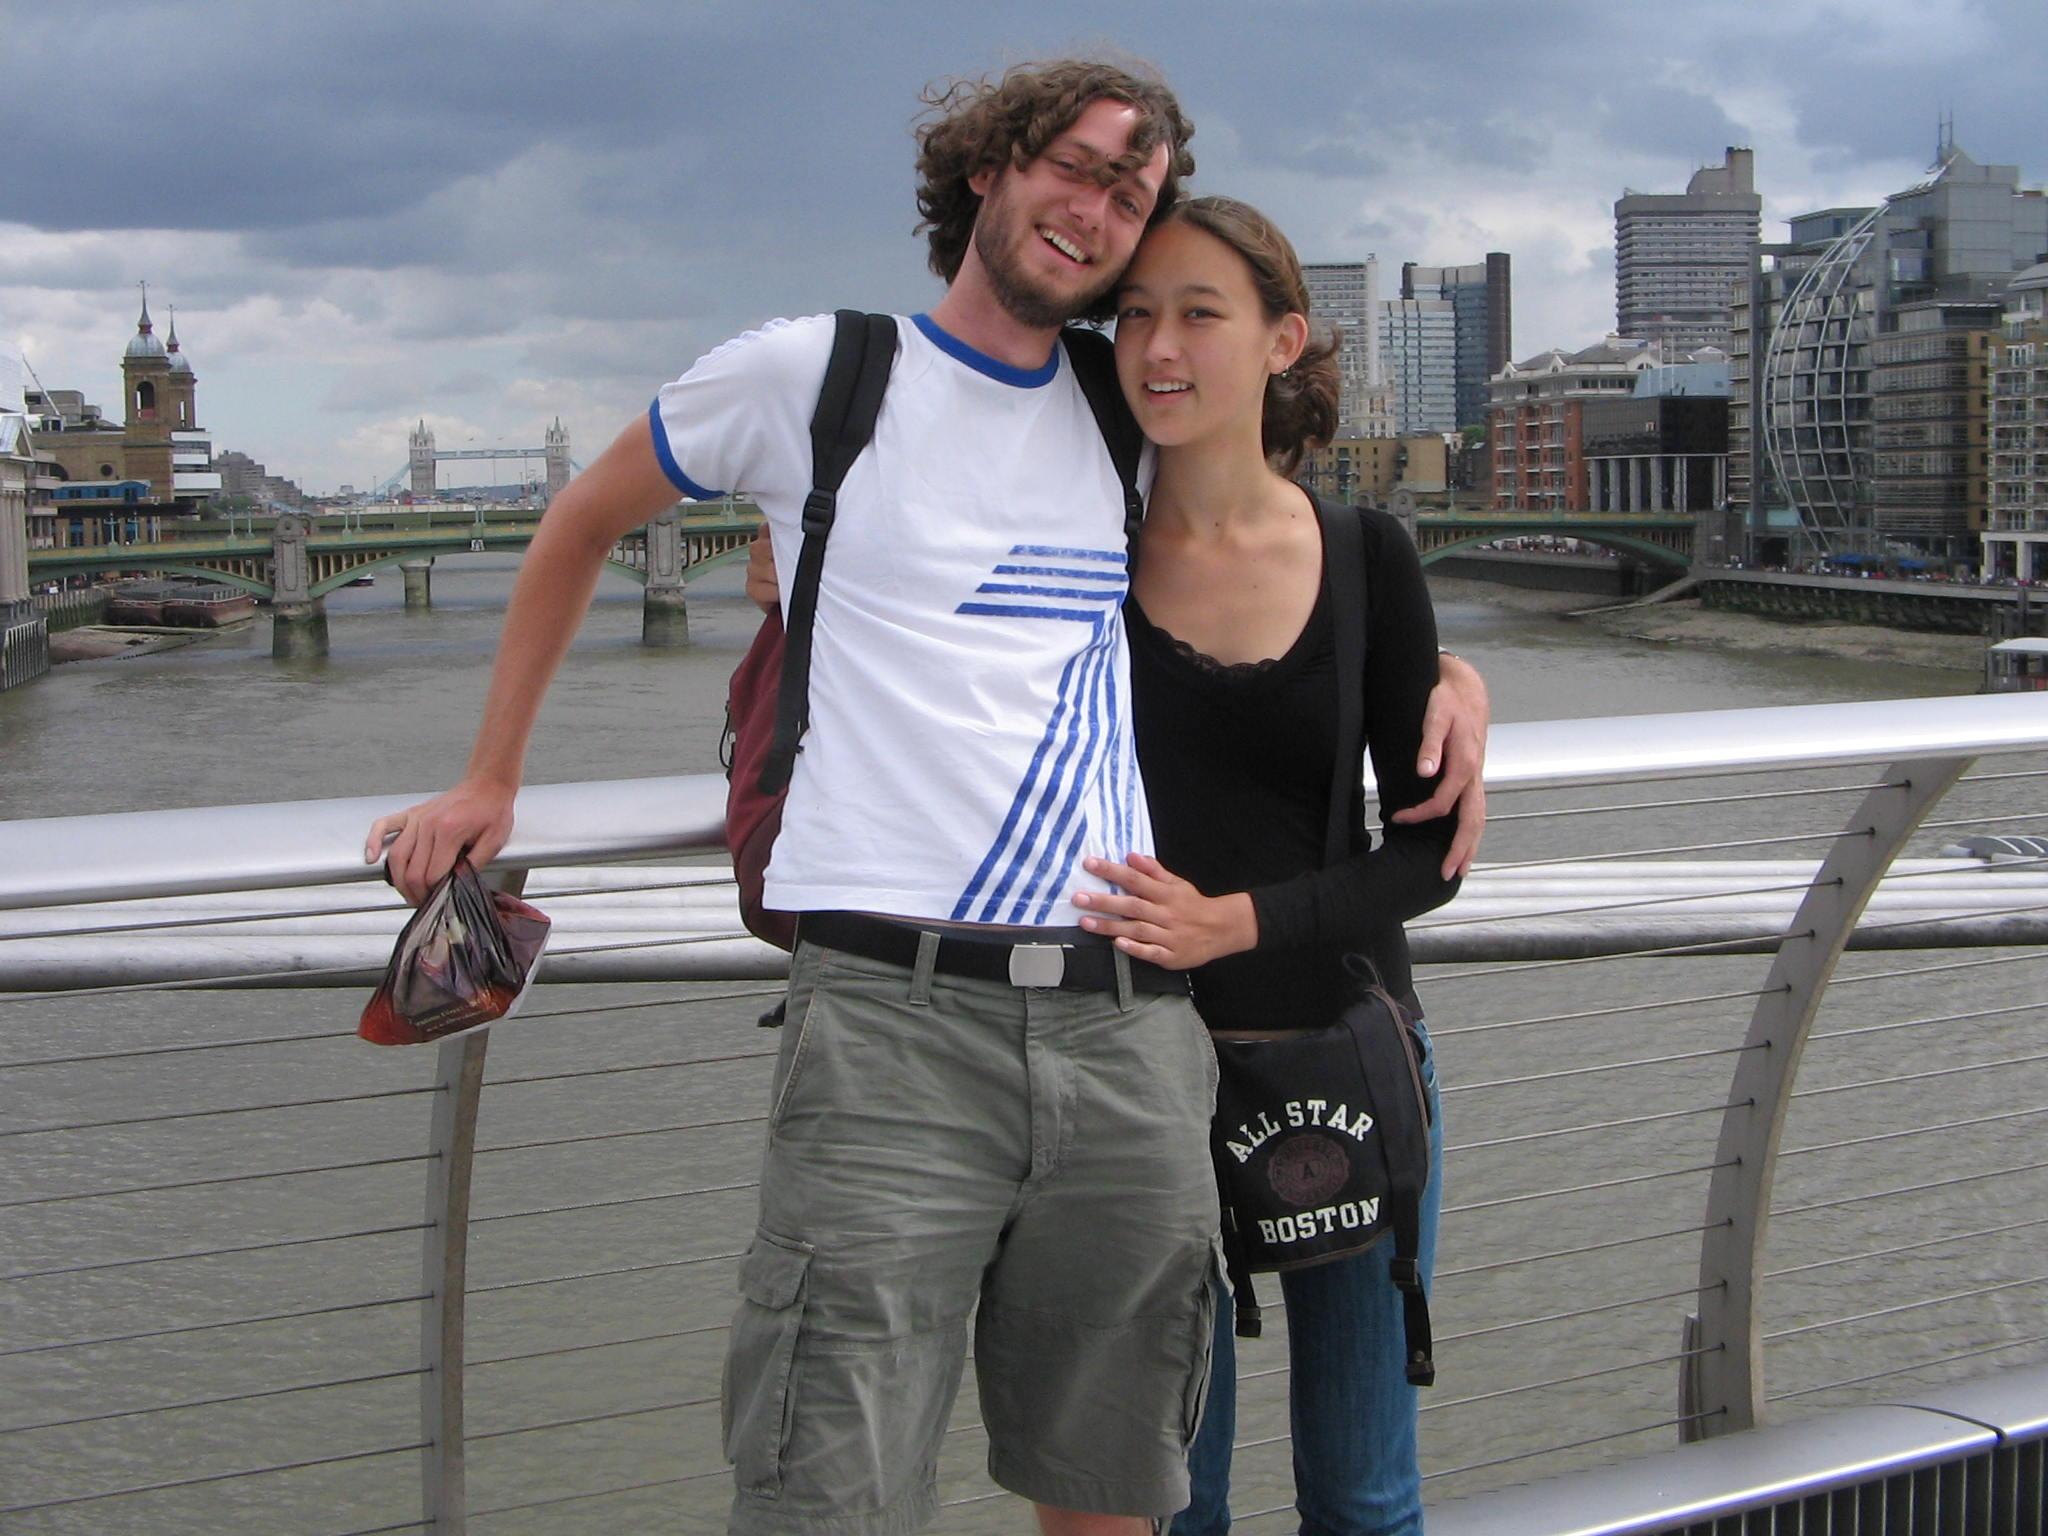 Op de Millenium bridge